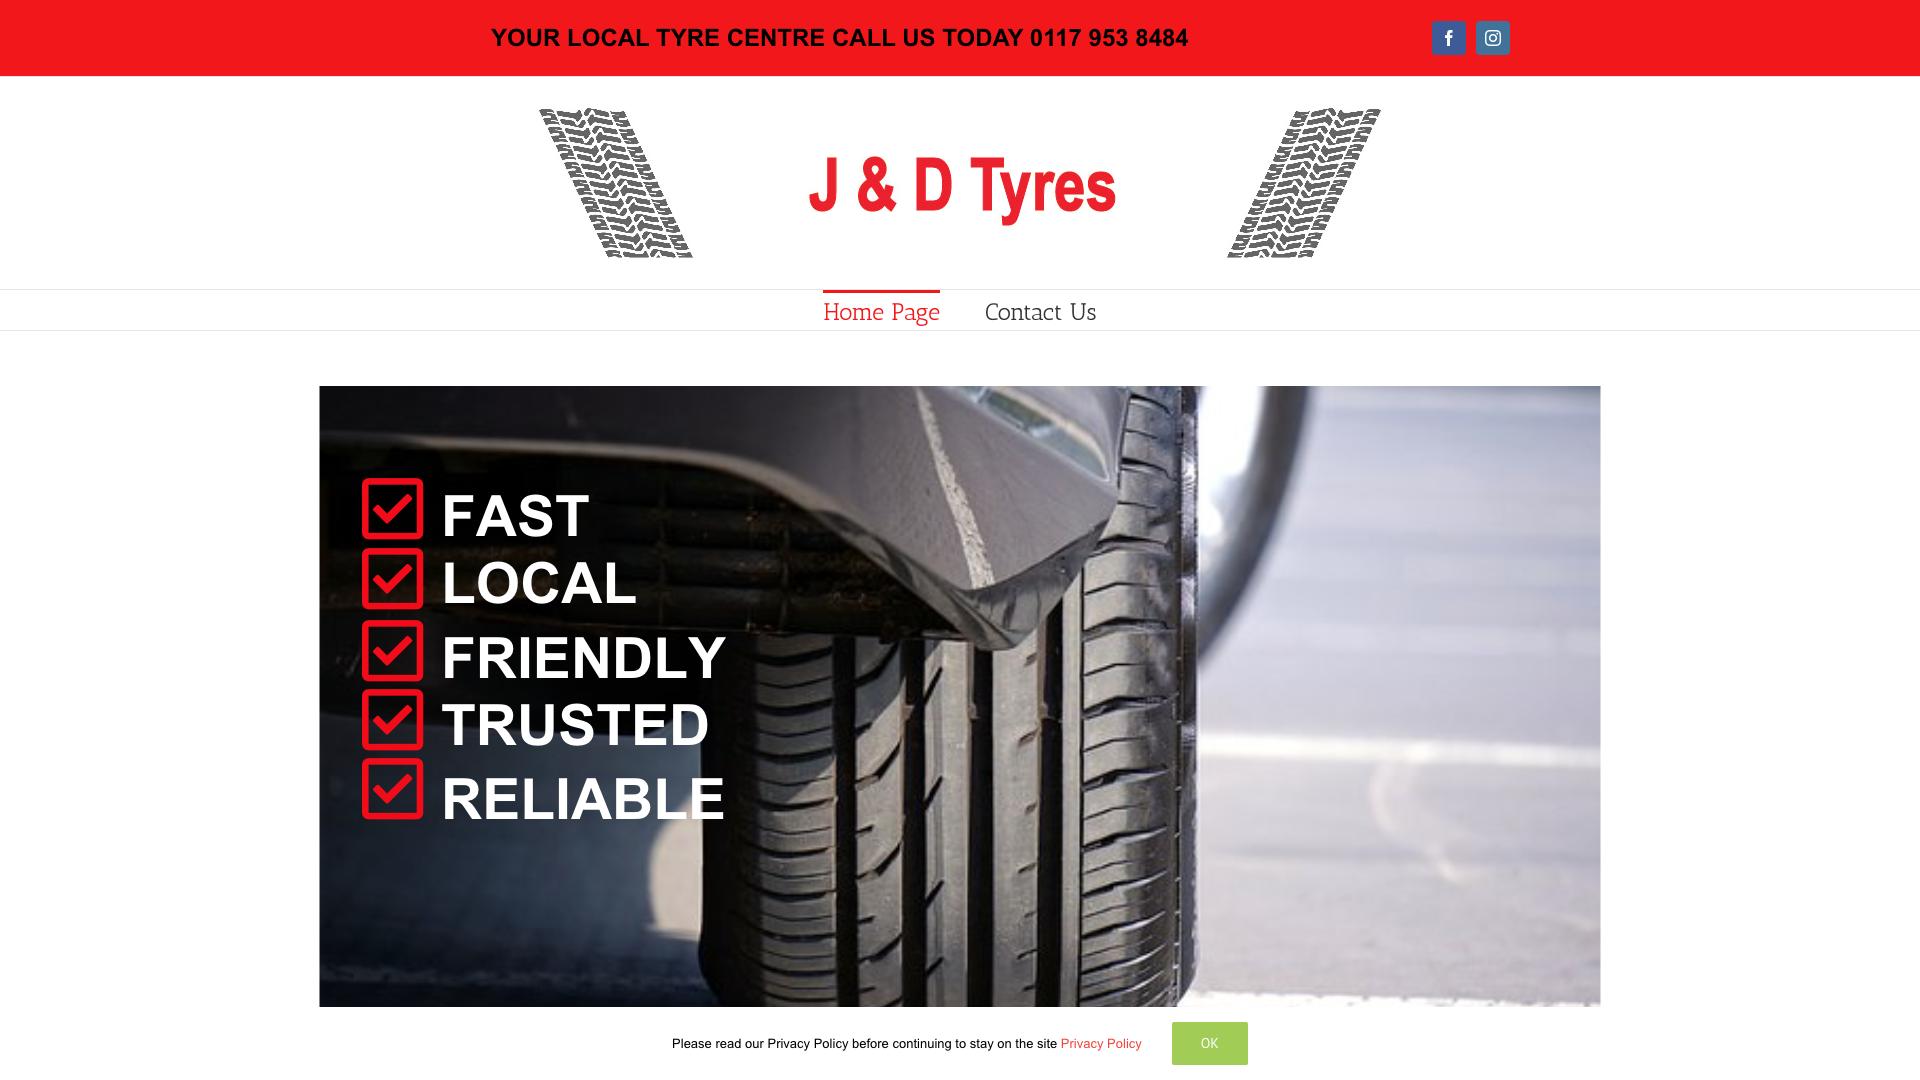 J&D Tyres